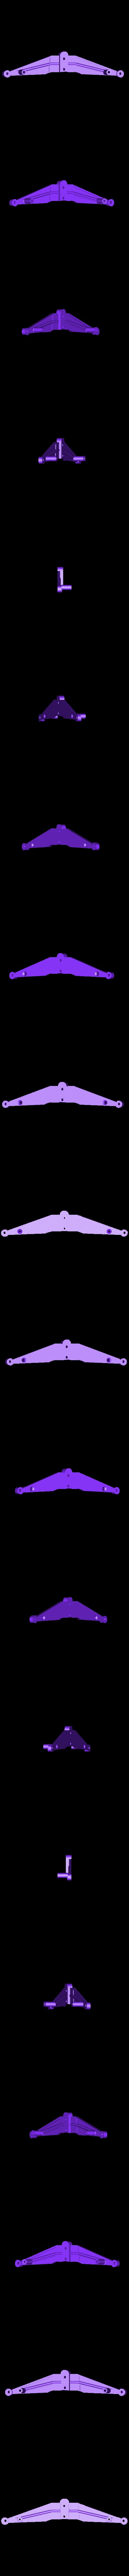 lower suspension arms.stl Télécharger fichier STL gratuit 1991 Mazda 787B 3d Voiture RC imprimée de 1991 • Objet à imprimer en 3D, brett